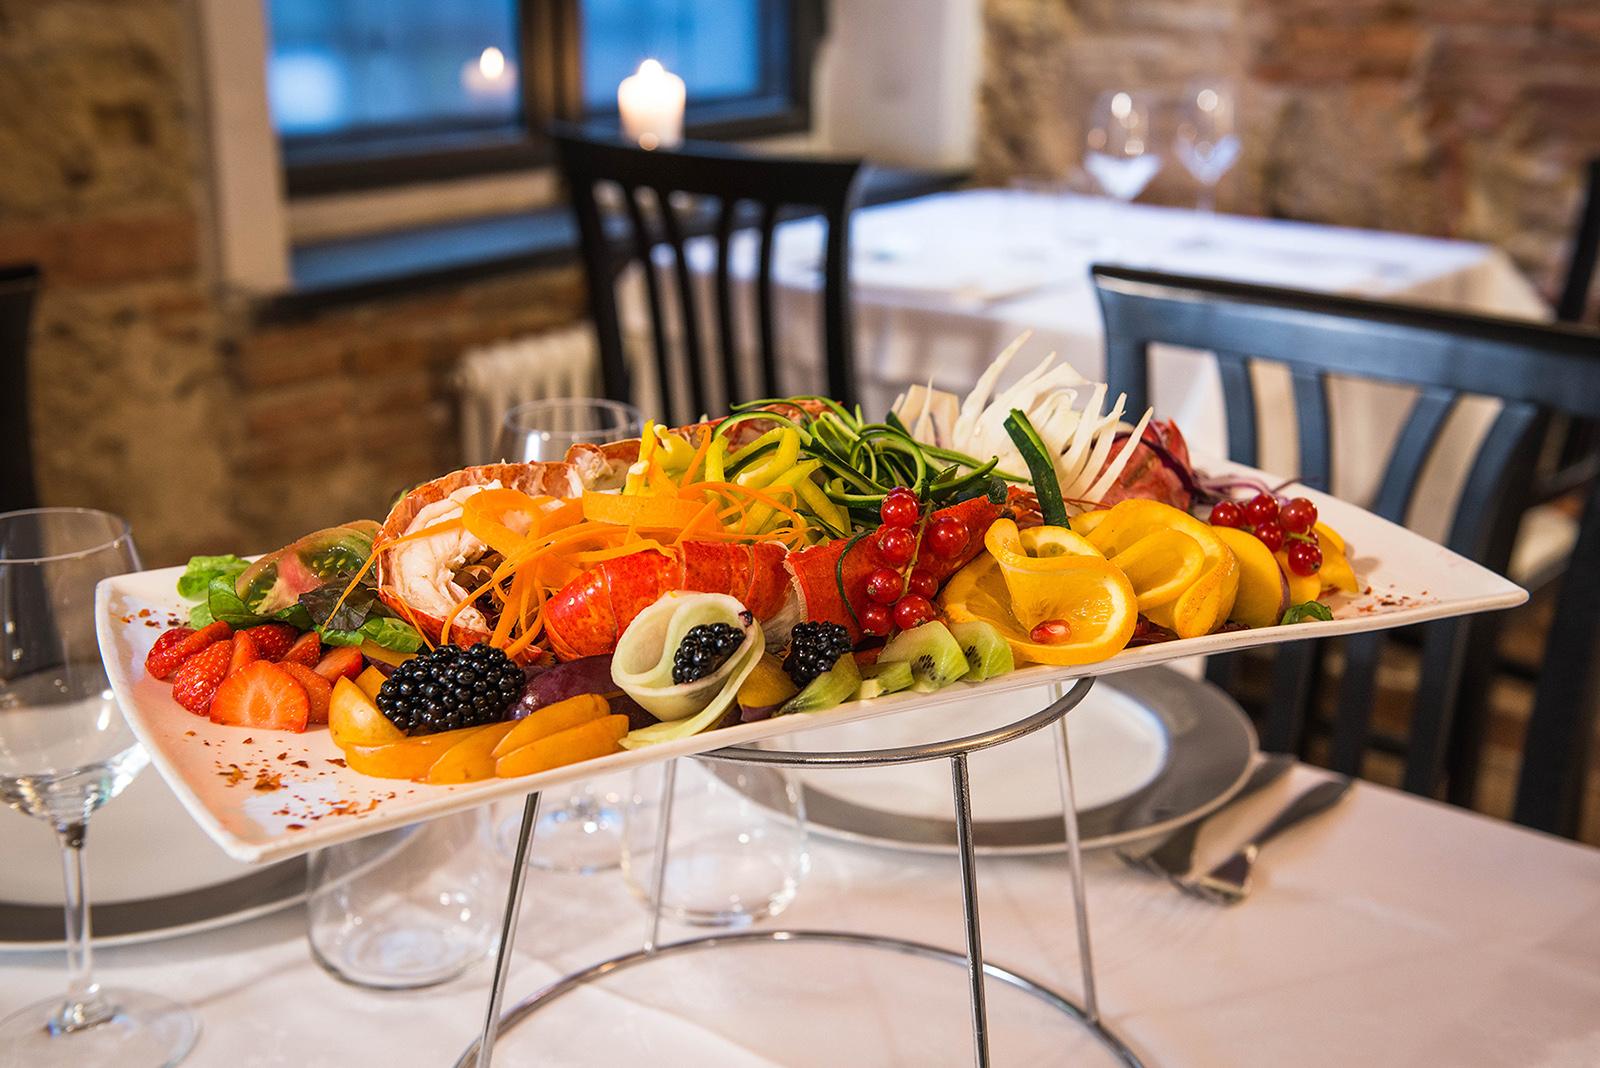 menu tegolo astice frutta verdura pesce fresco ristorante livorno menu capodanno